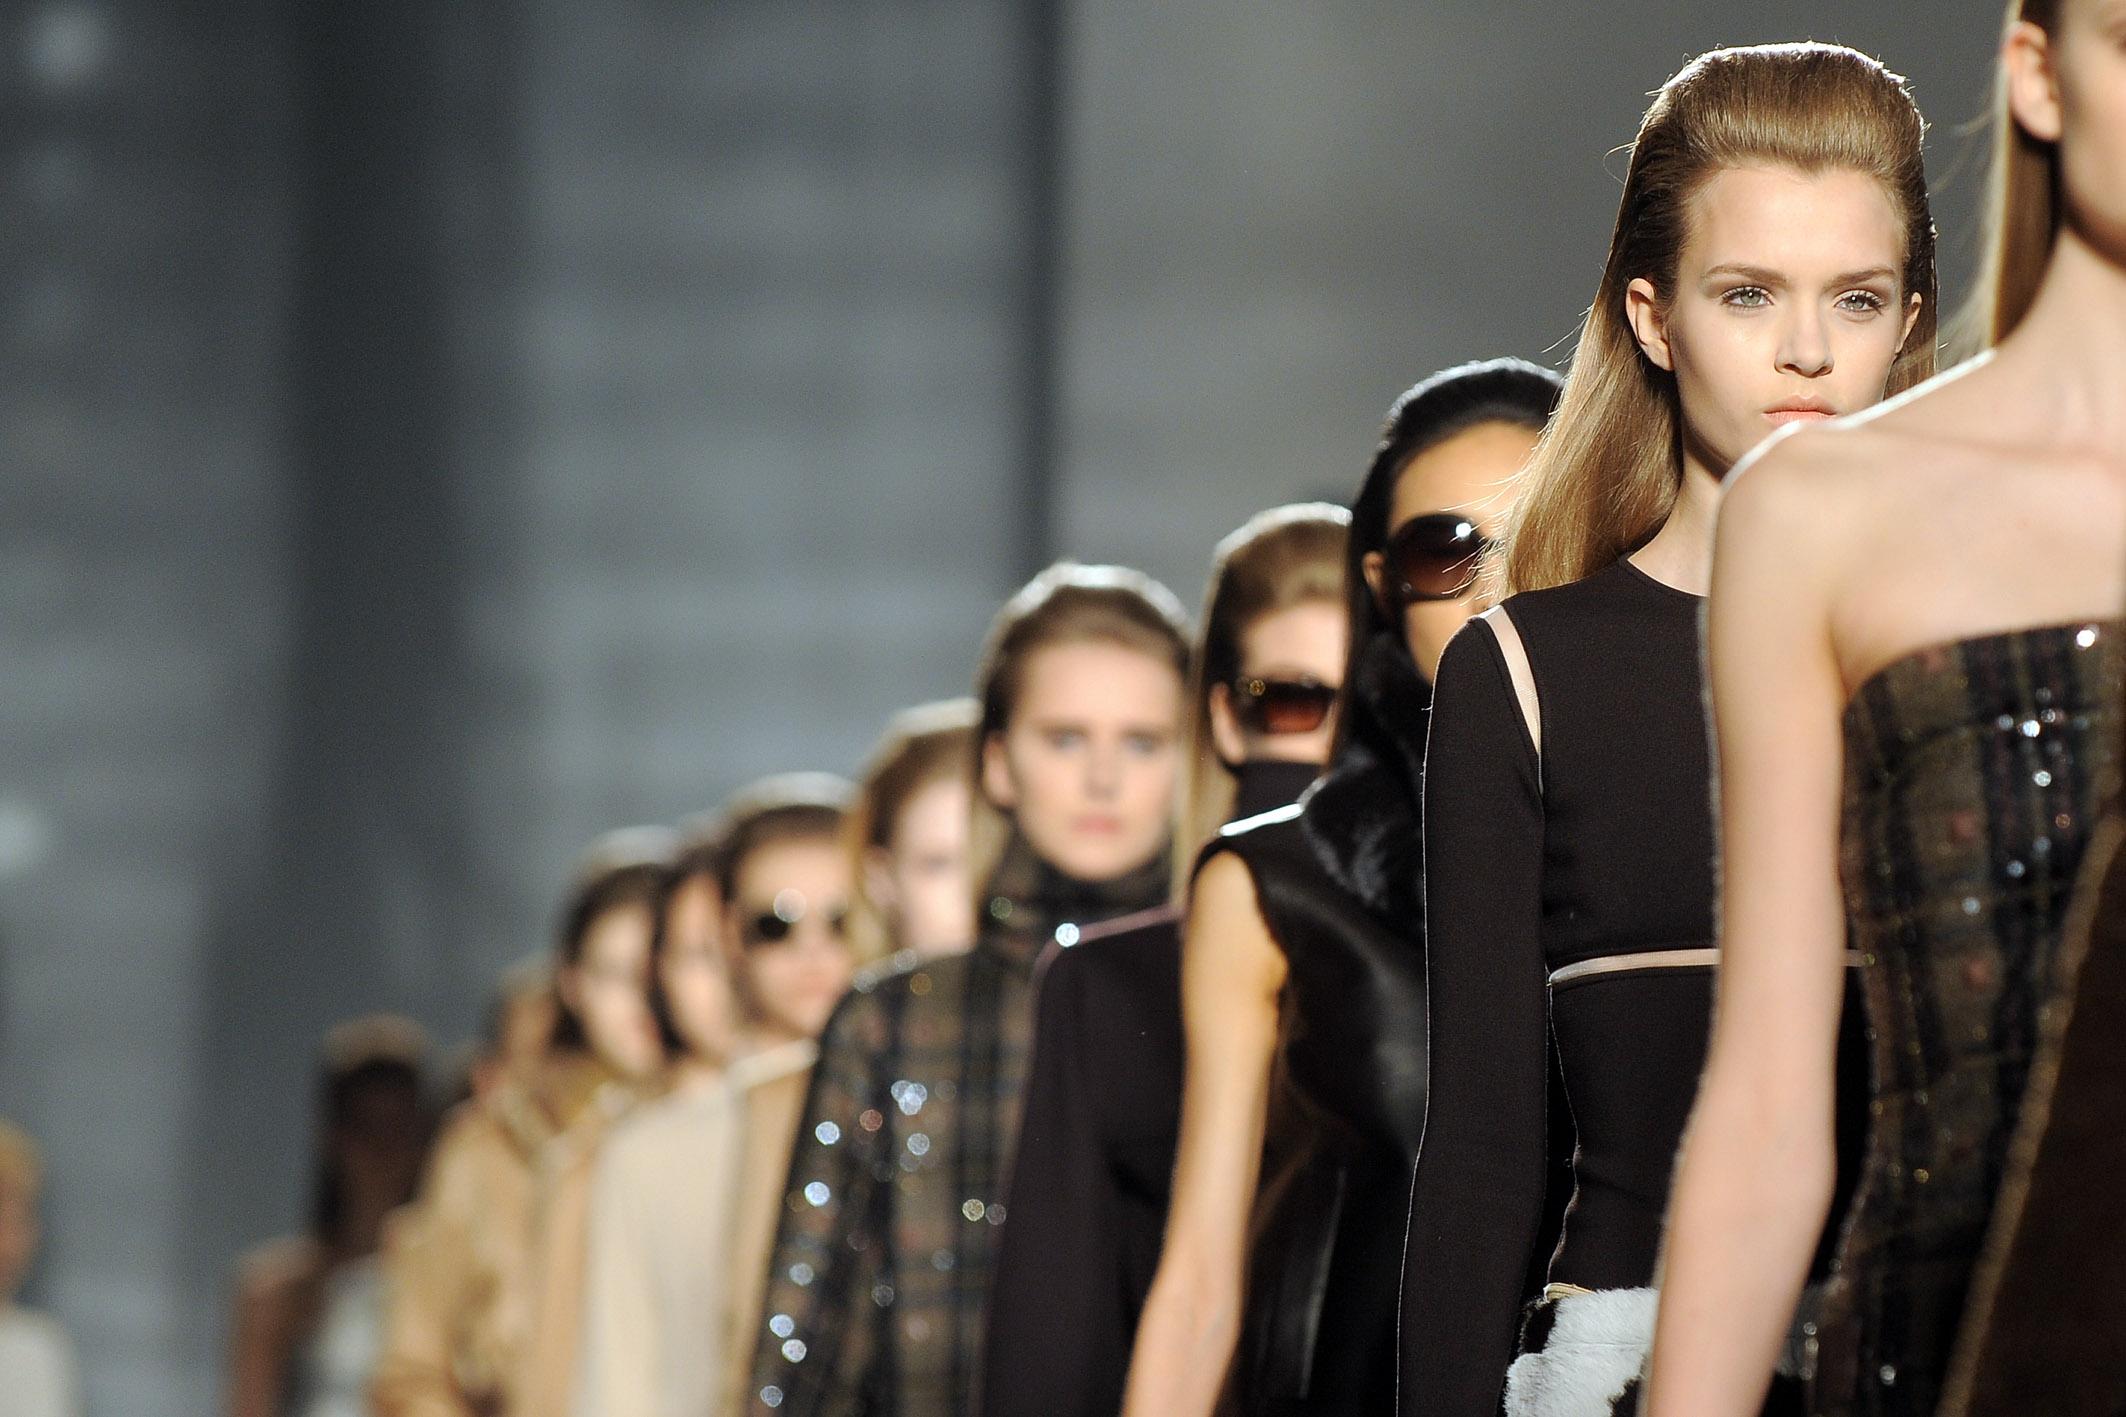 Milano al via la settimana della moda con le nuove for Settimana della moda milano 2018